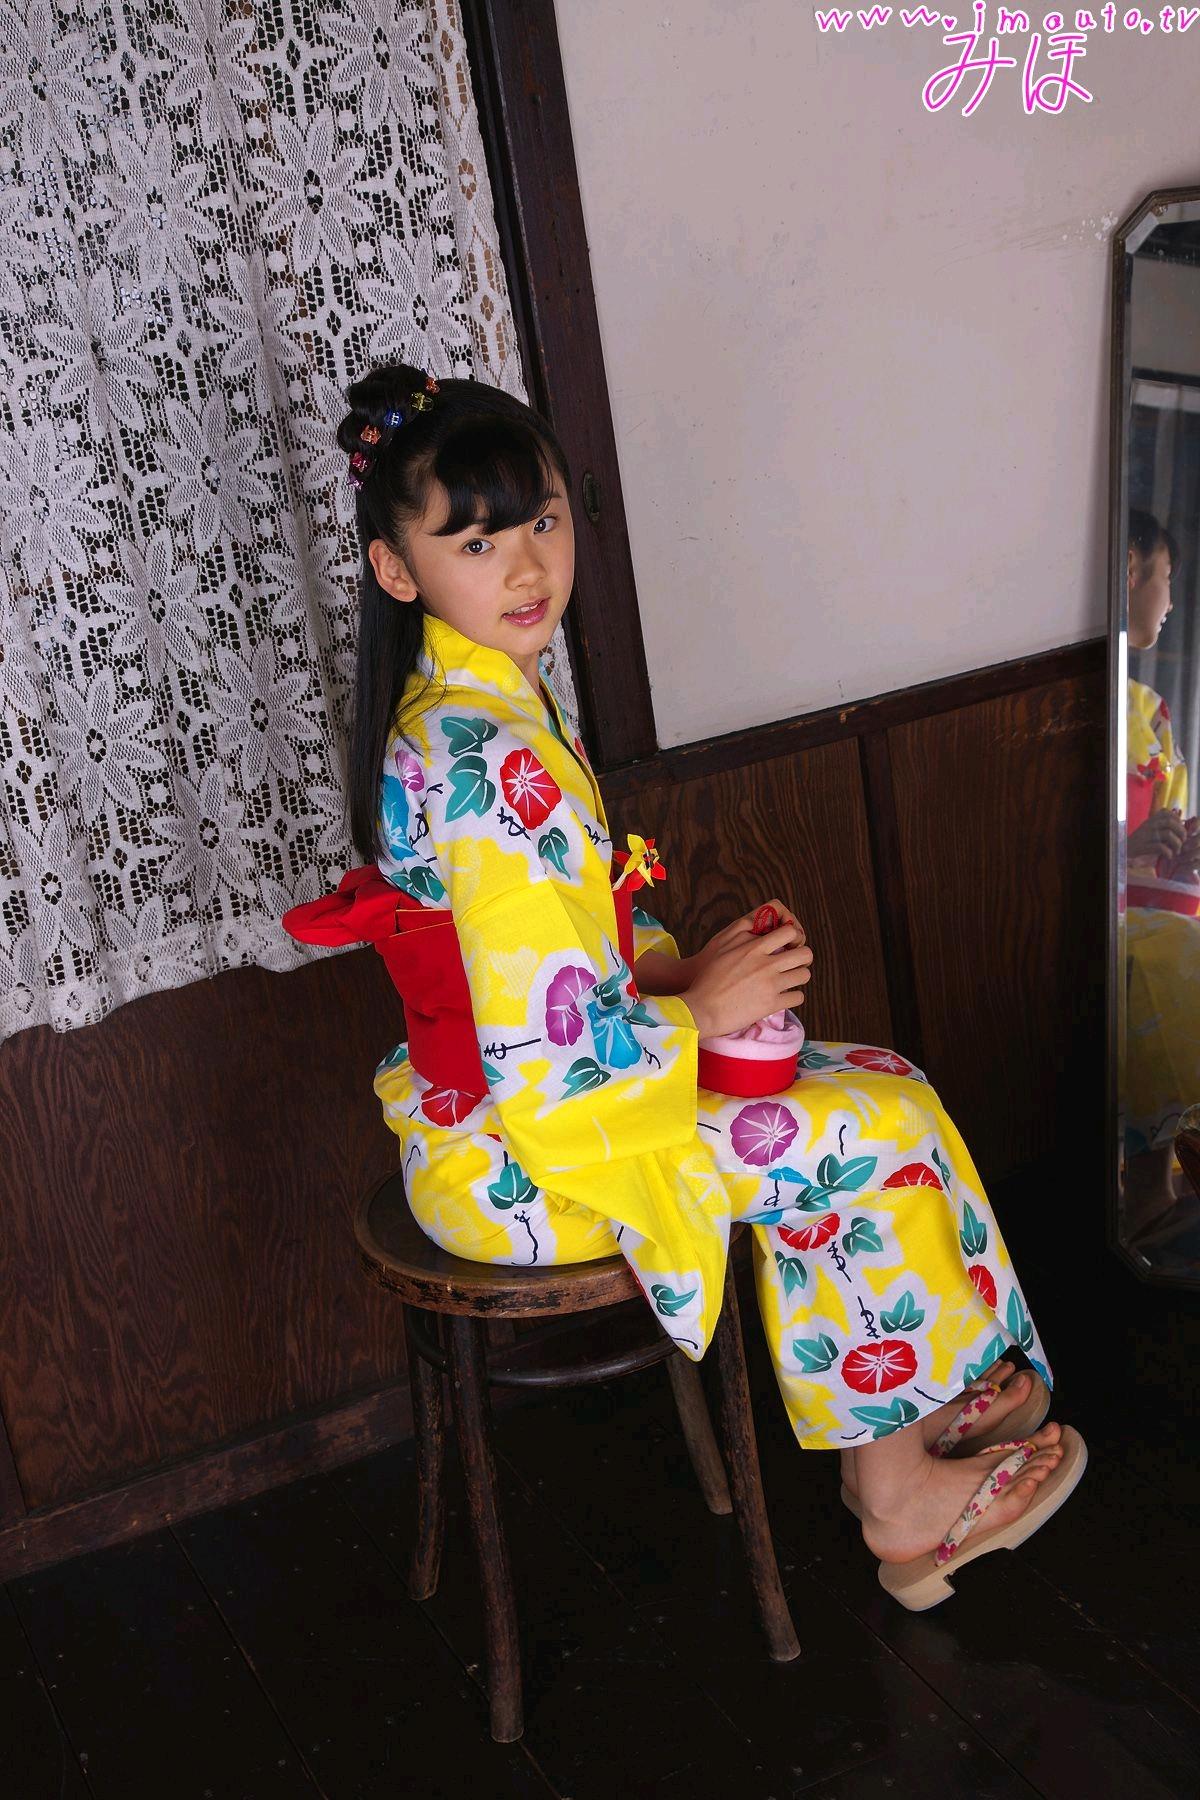 金子美穗  泳装 一位少女